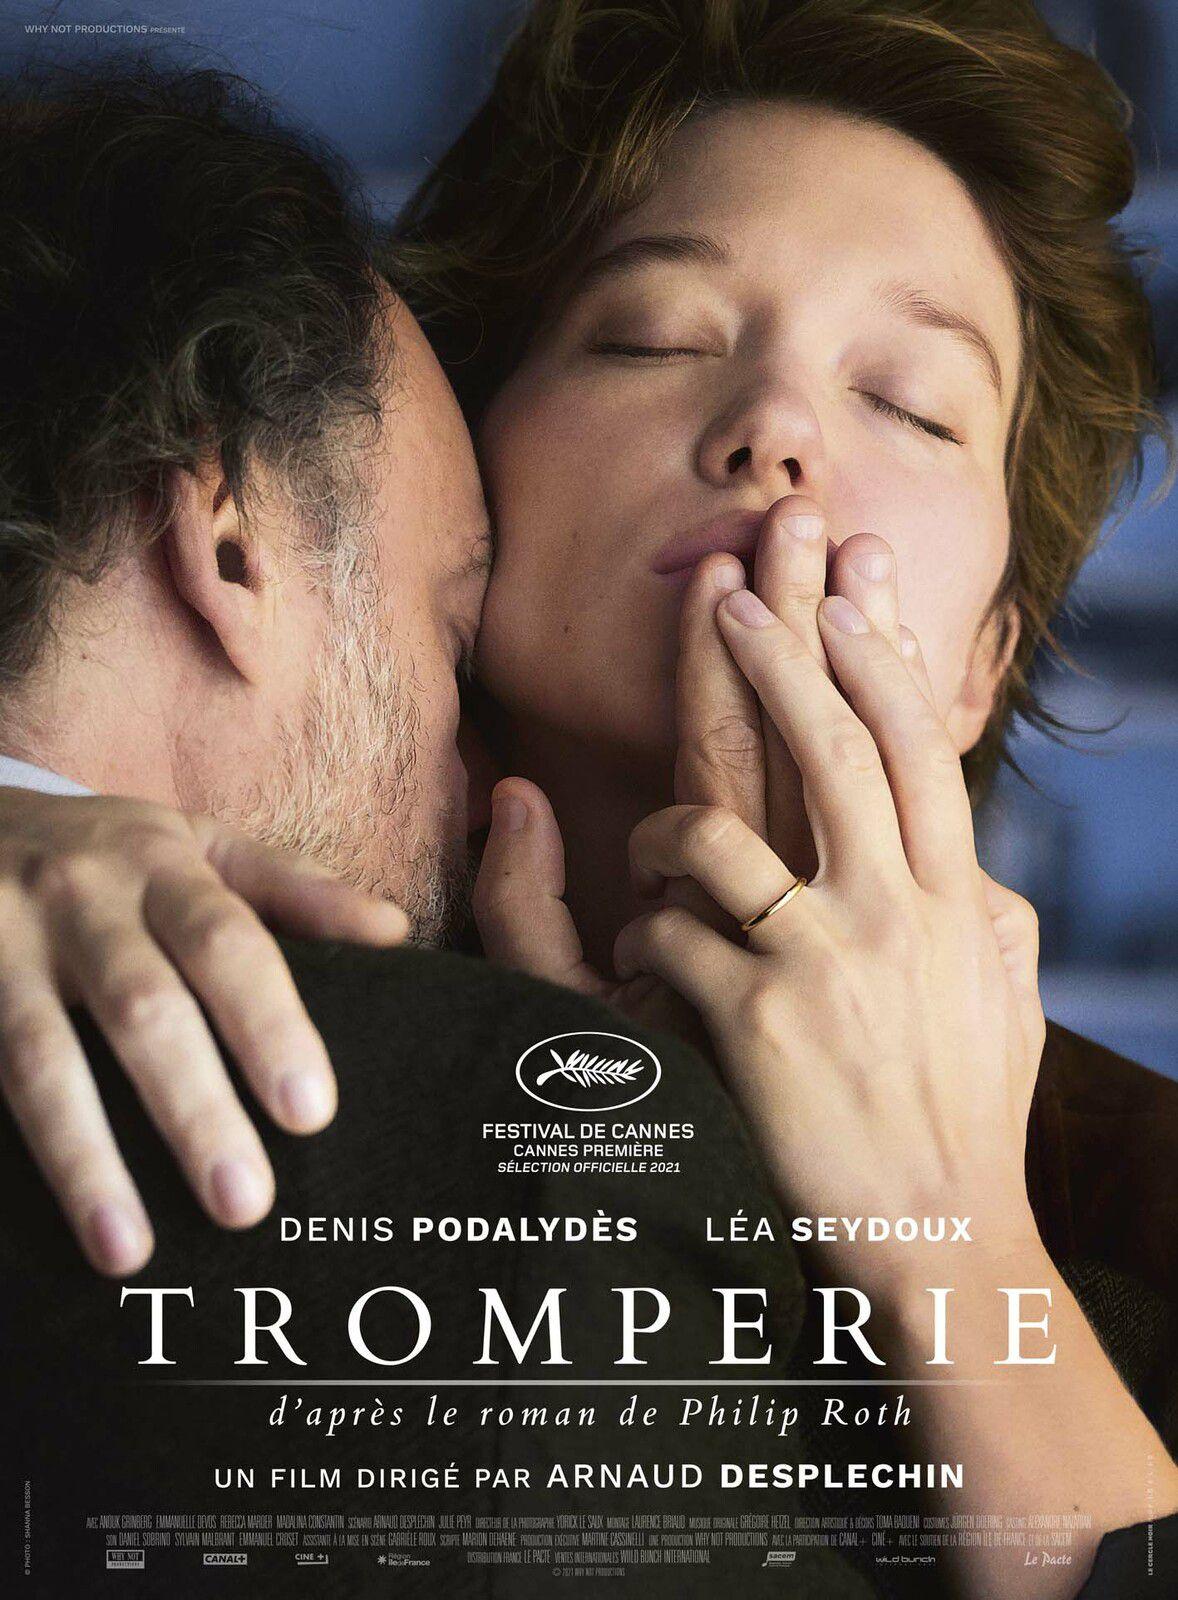 Tromperie (BANDE-ANNONCE) avec Léa Seydoux, Denis Podalydès, Emmanuelle Devos - Au cinéma le 29 décembre 2021